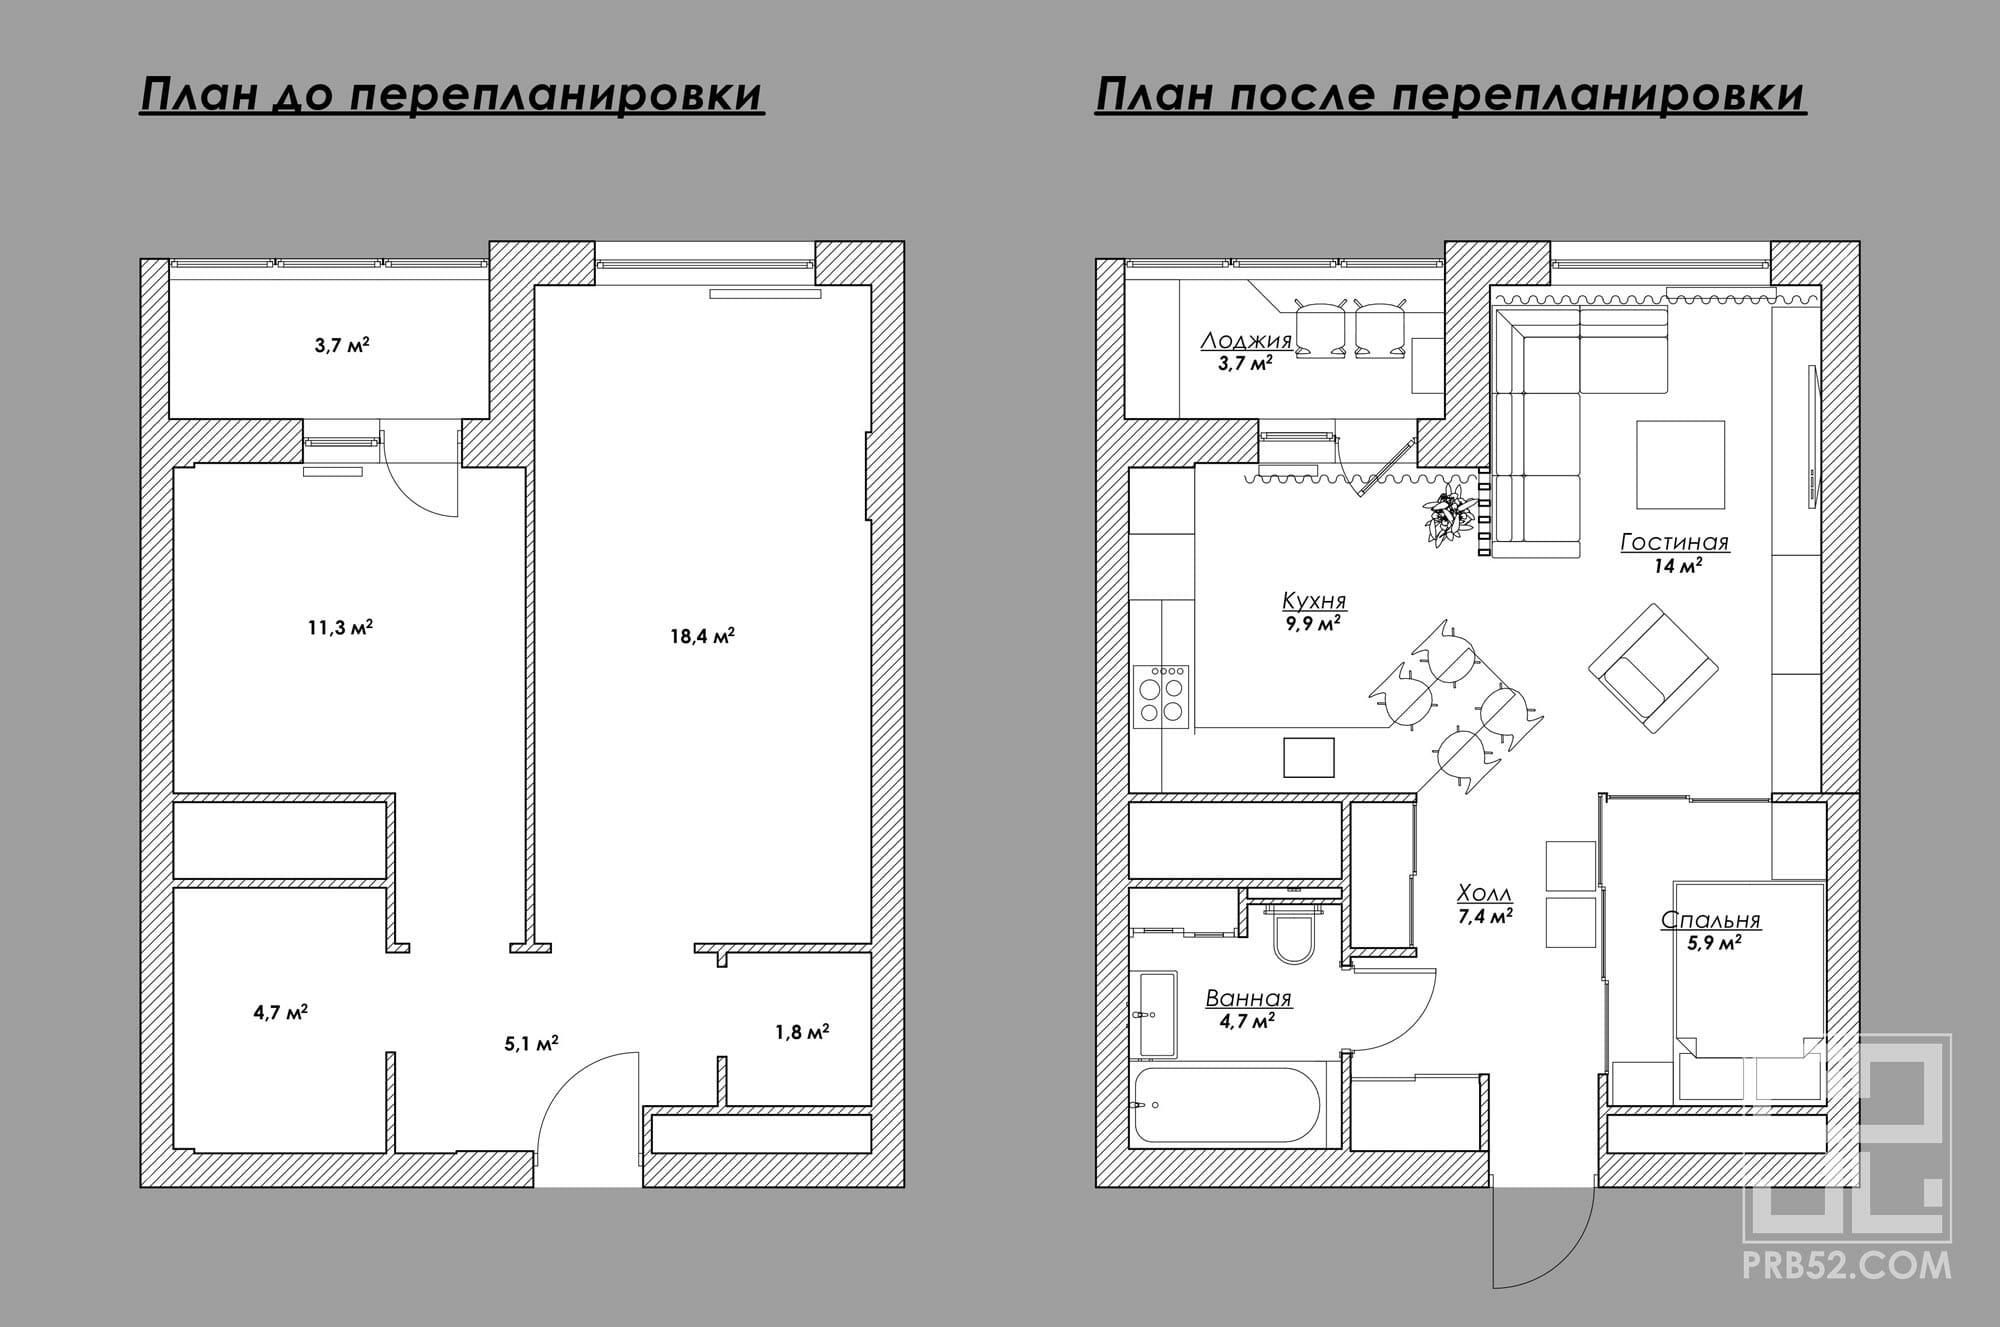 дизайн интерьера планировка и расстановка мебели